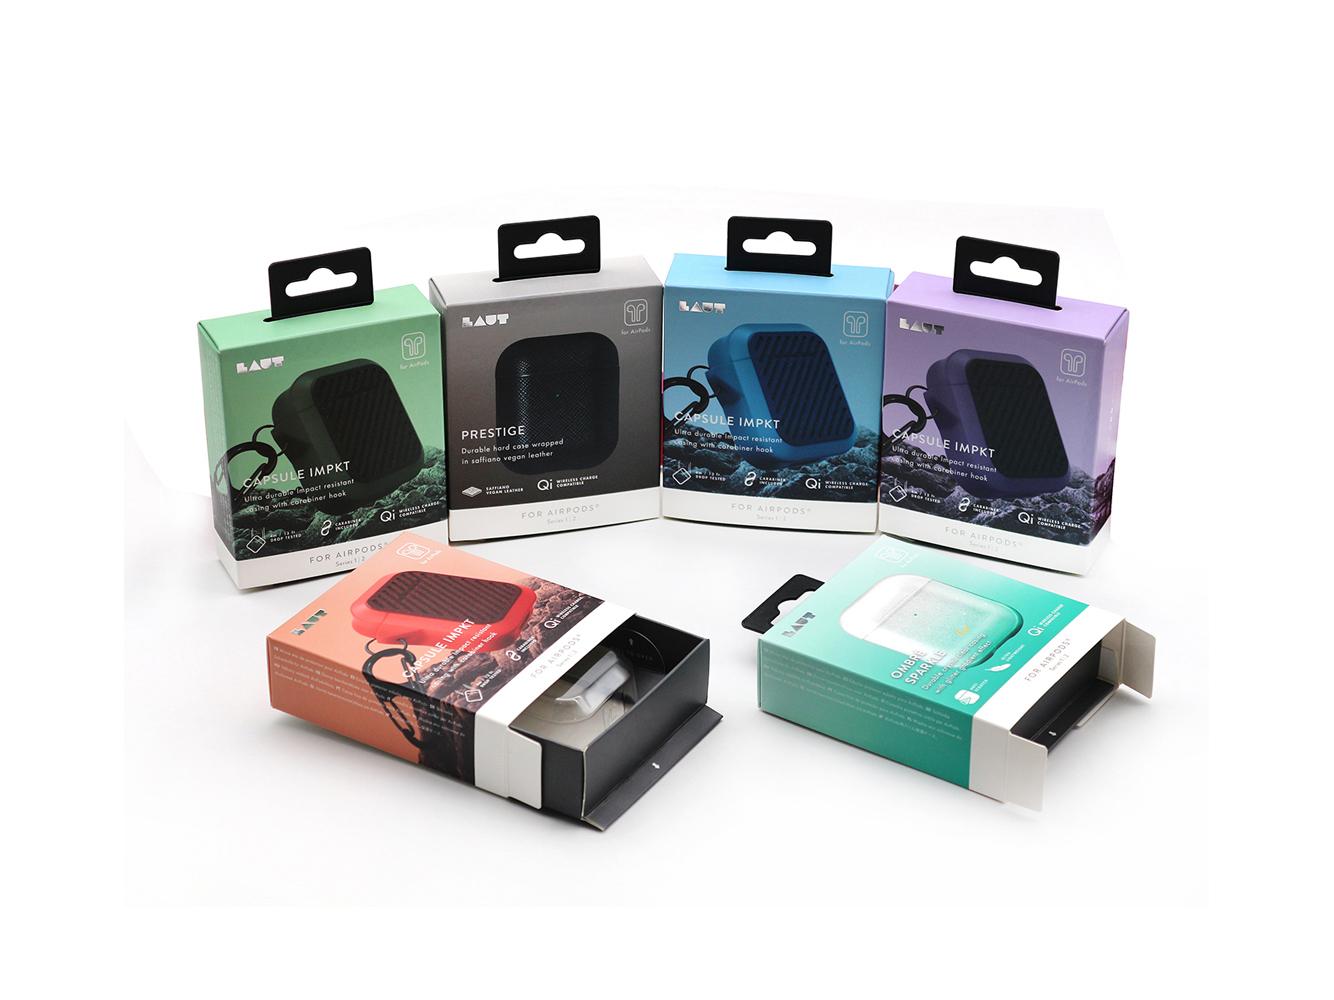 厂家定制无线蓝牙耳机包装盒彩盒抽屉盒定制logo